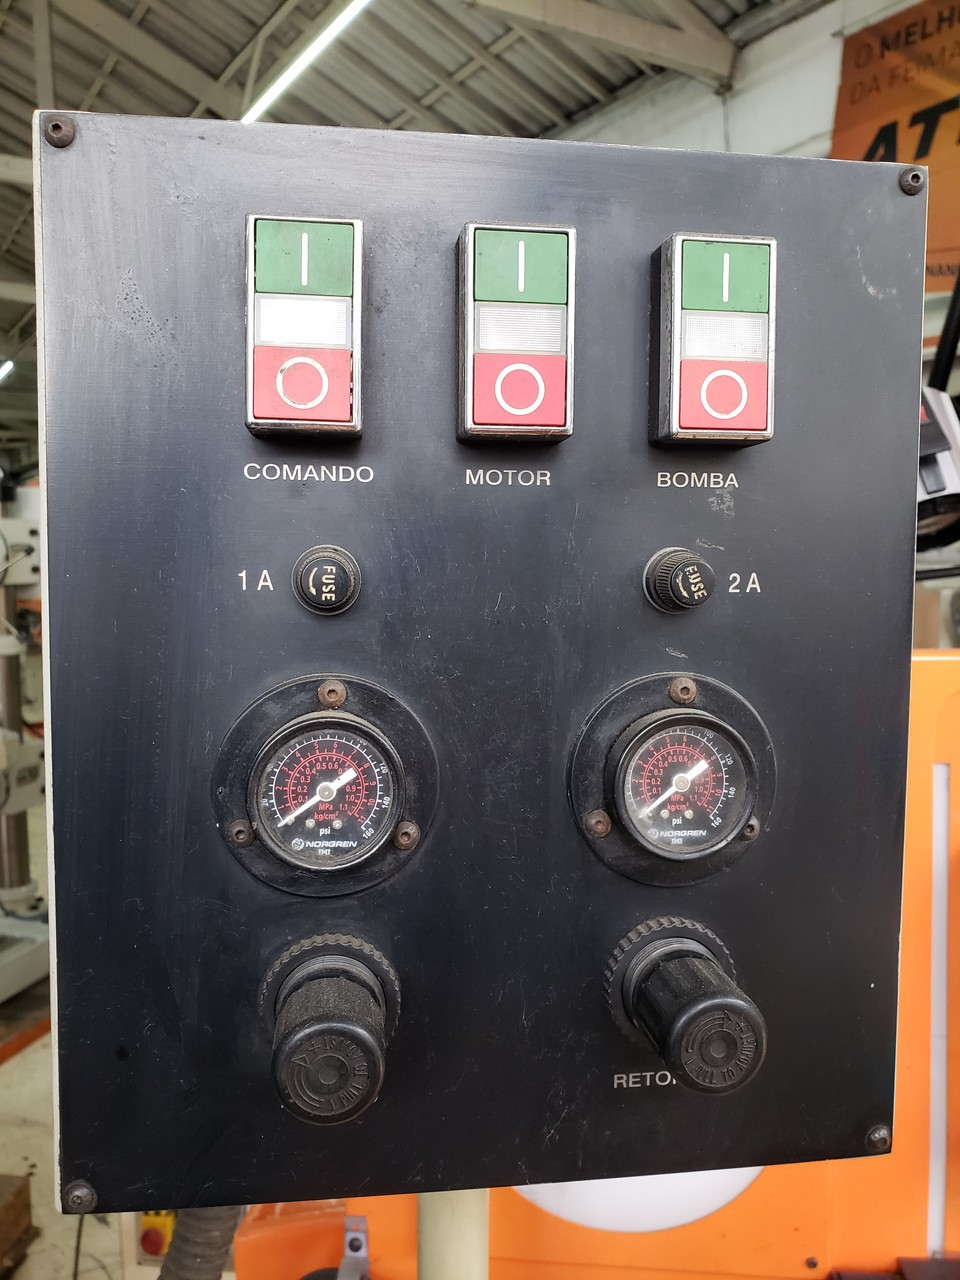 Rosqueadeira de Bancada Begra, Modelo RS-120, Sistema padrao de rosca, Acionamento pneumático, Reservatório para coleta de peças  - 220v - Super Conservada, Semi Nova, Pintura Orignal (Usada)  - Atlasmaq